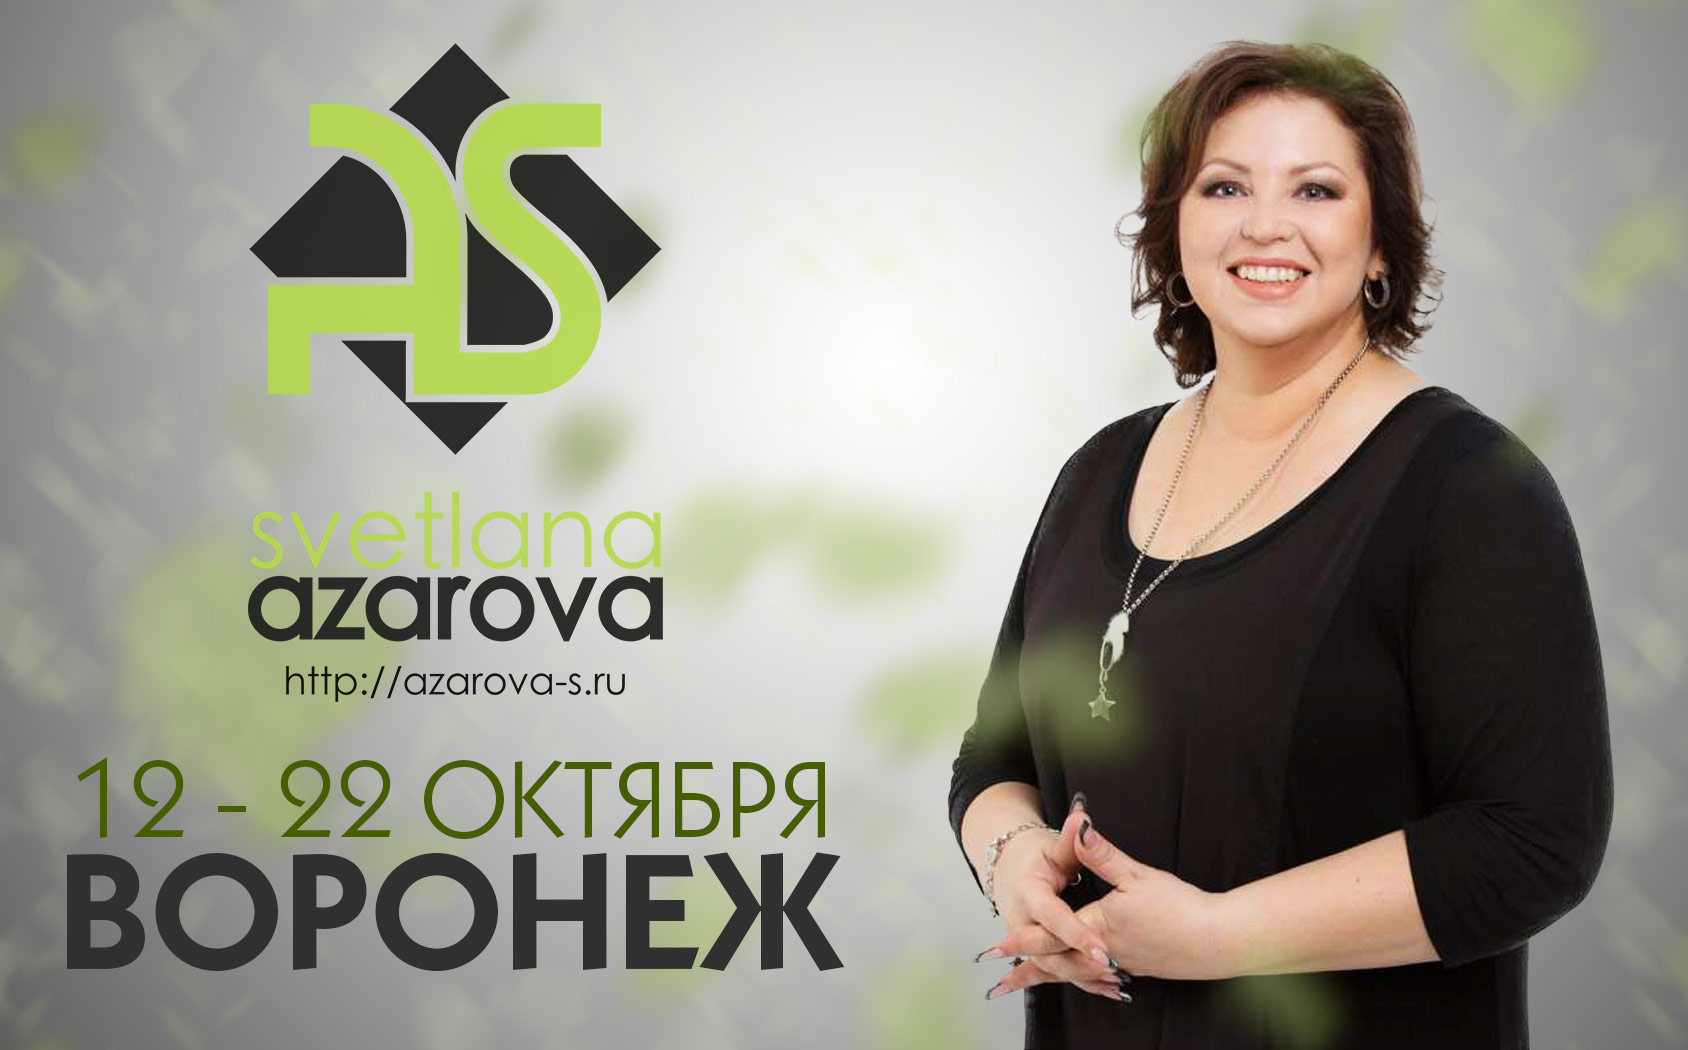 Курсы Юлии Билей 12-22 октября в Воронеже